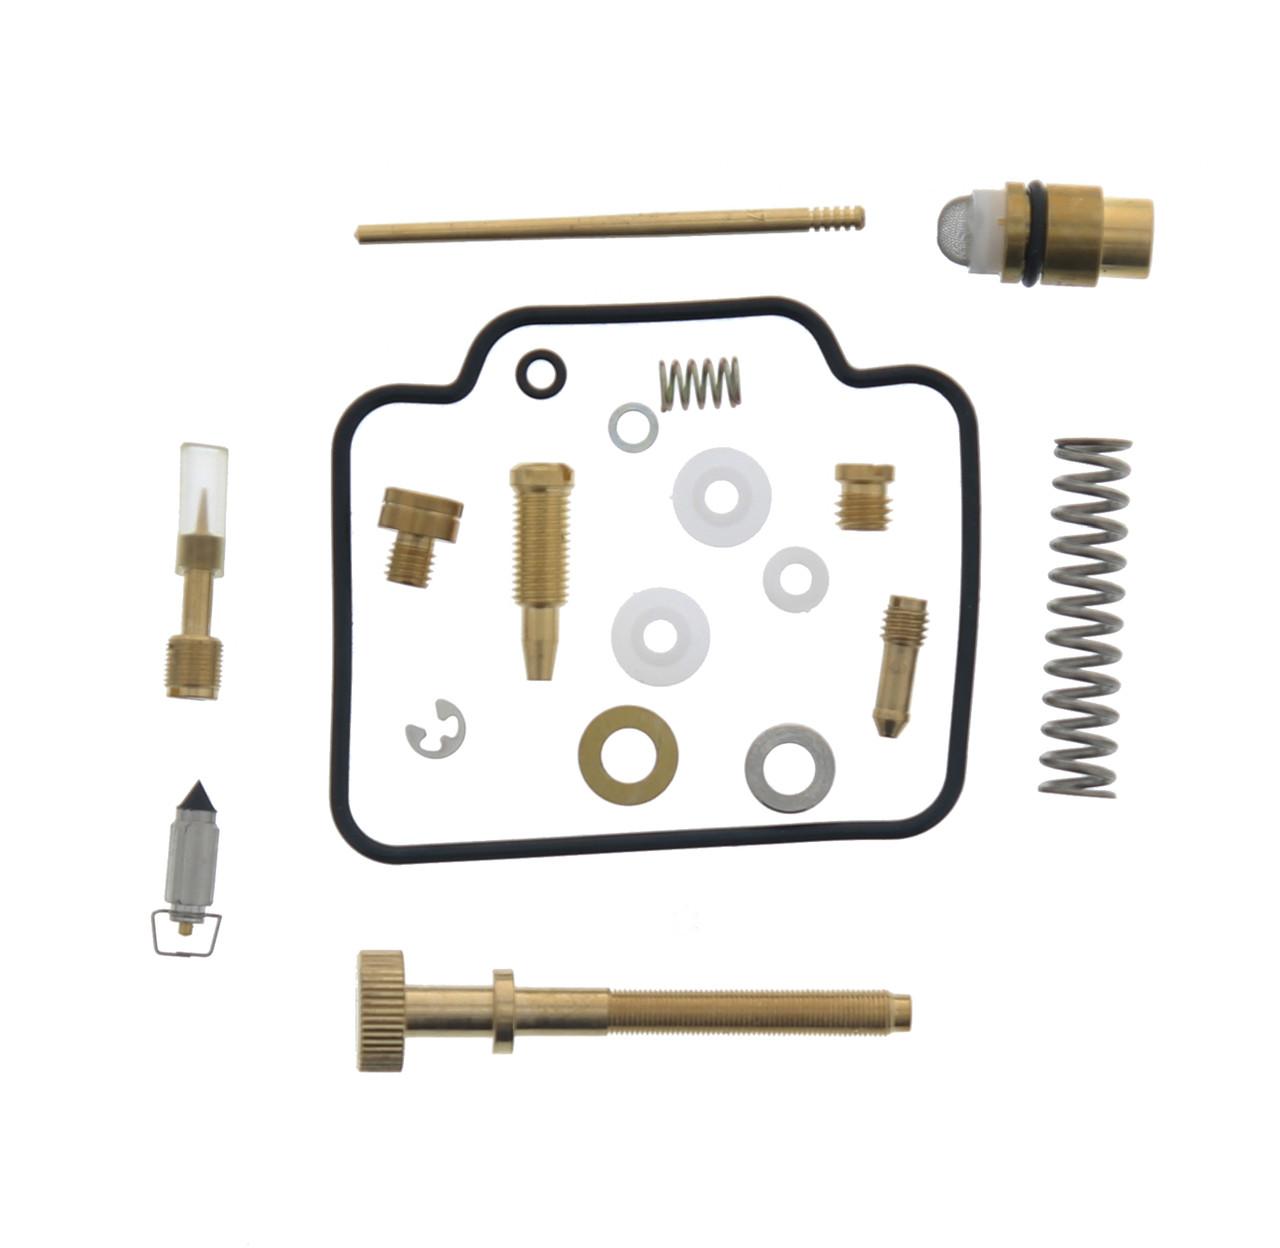 NEW Carburetor Carb Rebuild Kit For Polaris Sportsman 500 2003-2005 HO FREE NJ